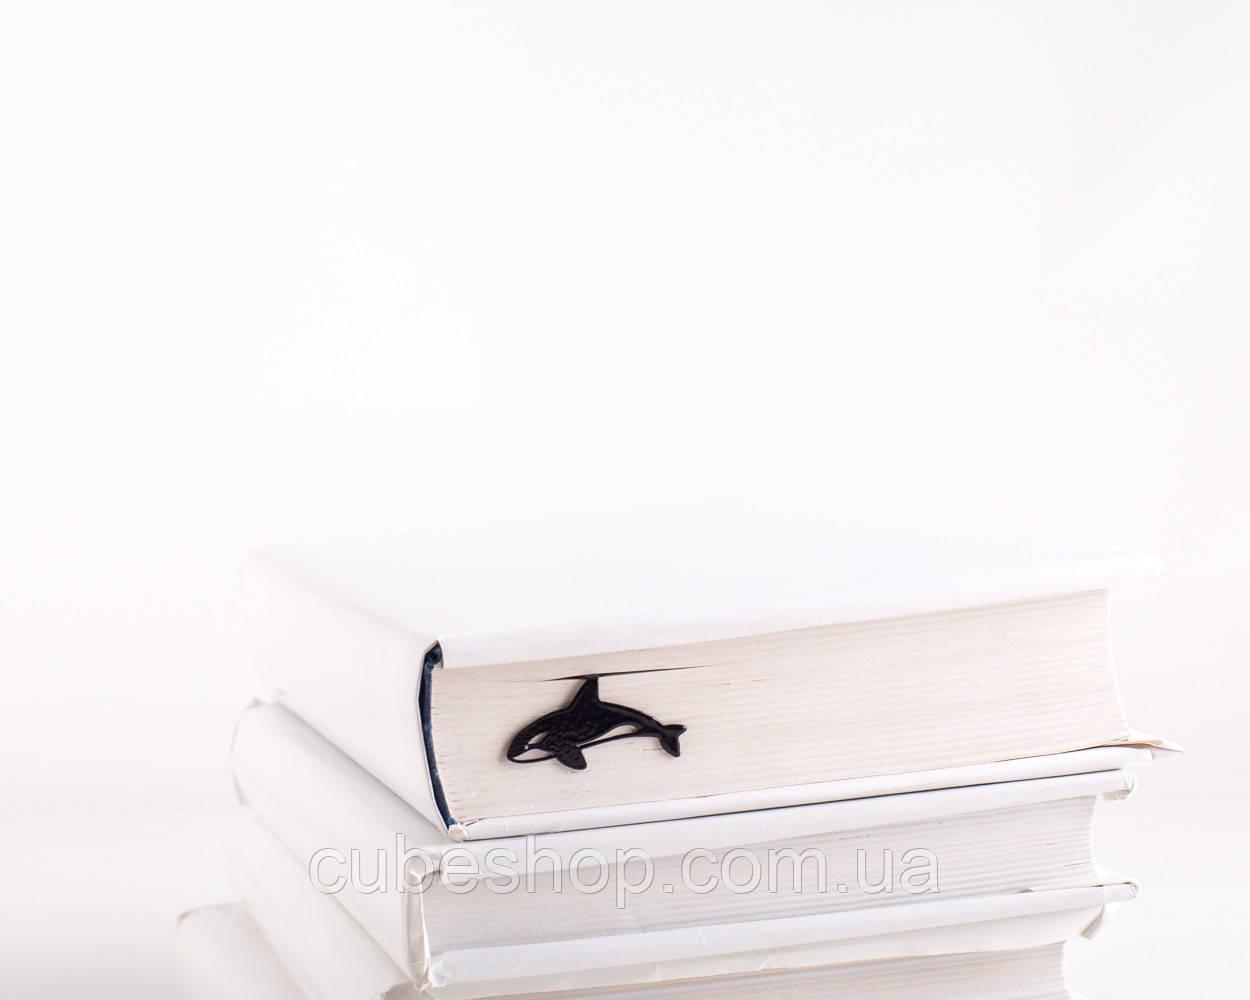 Закладка для книг Косатка